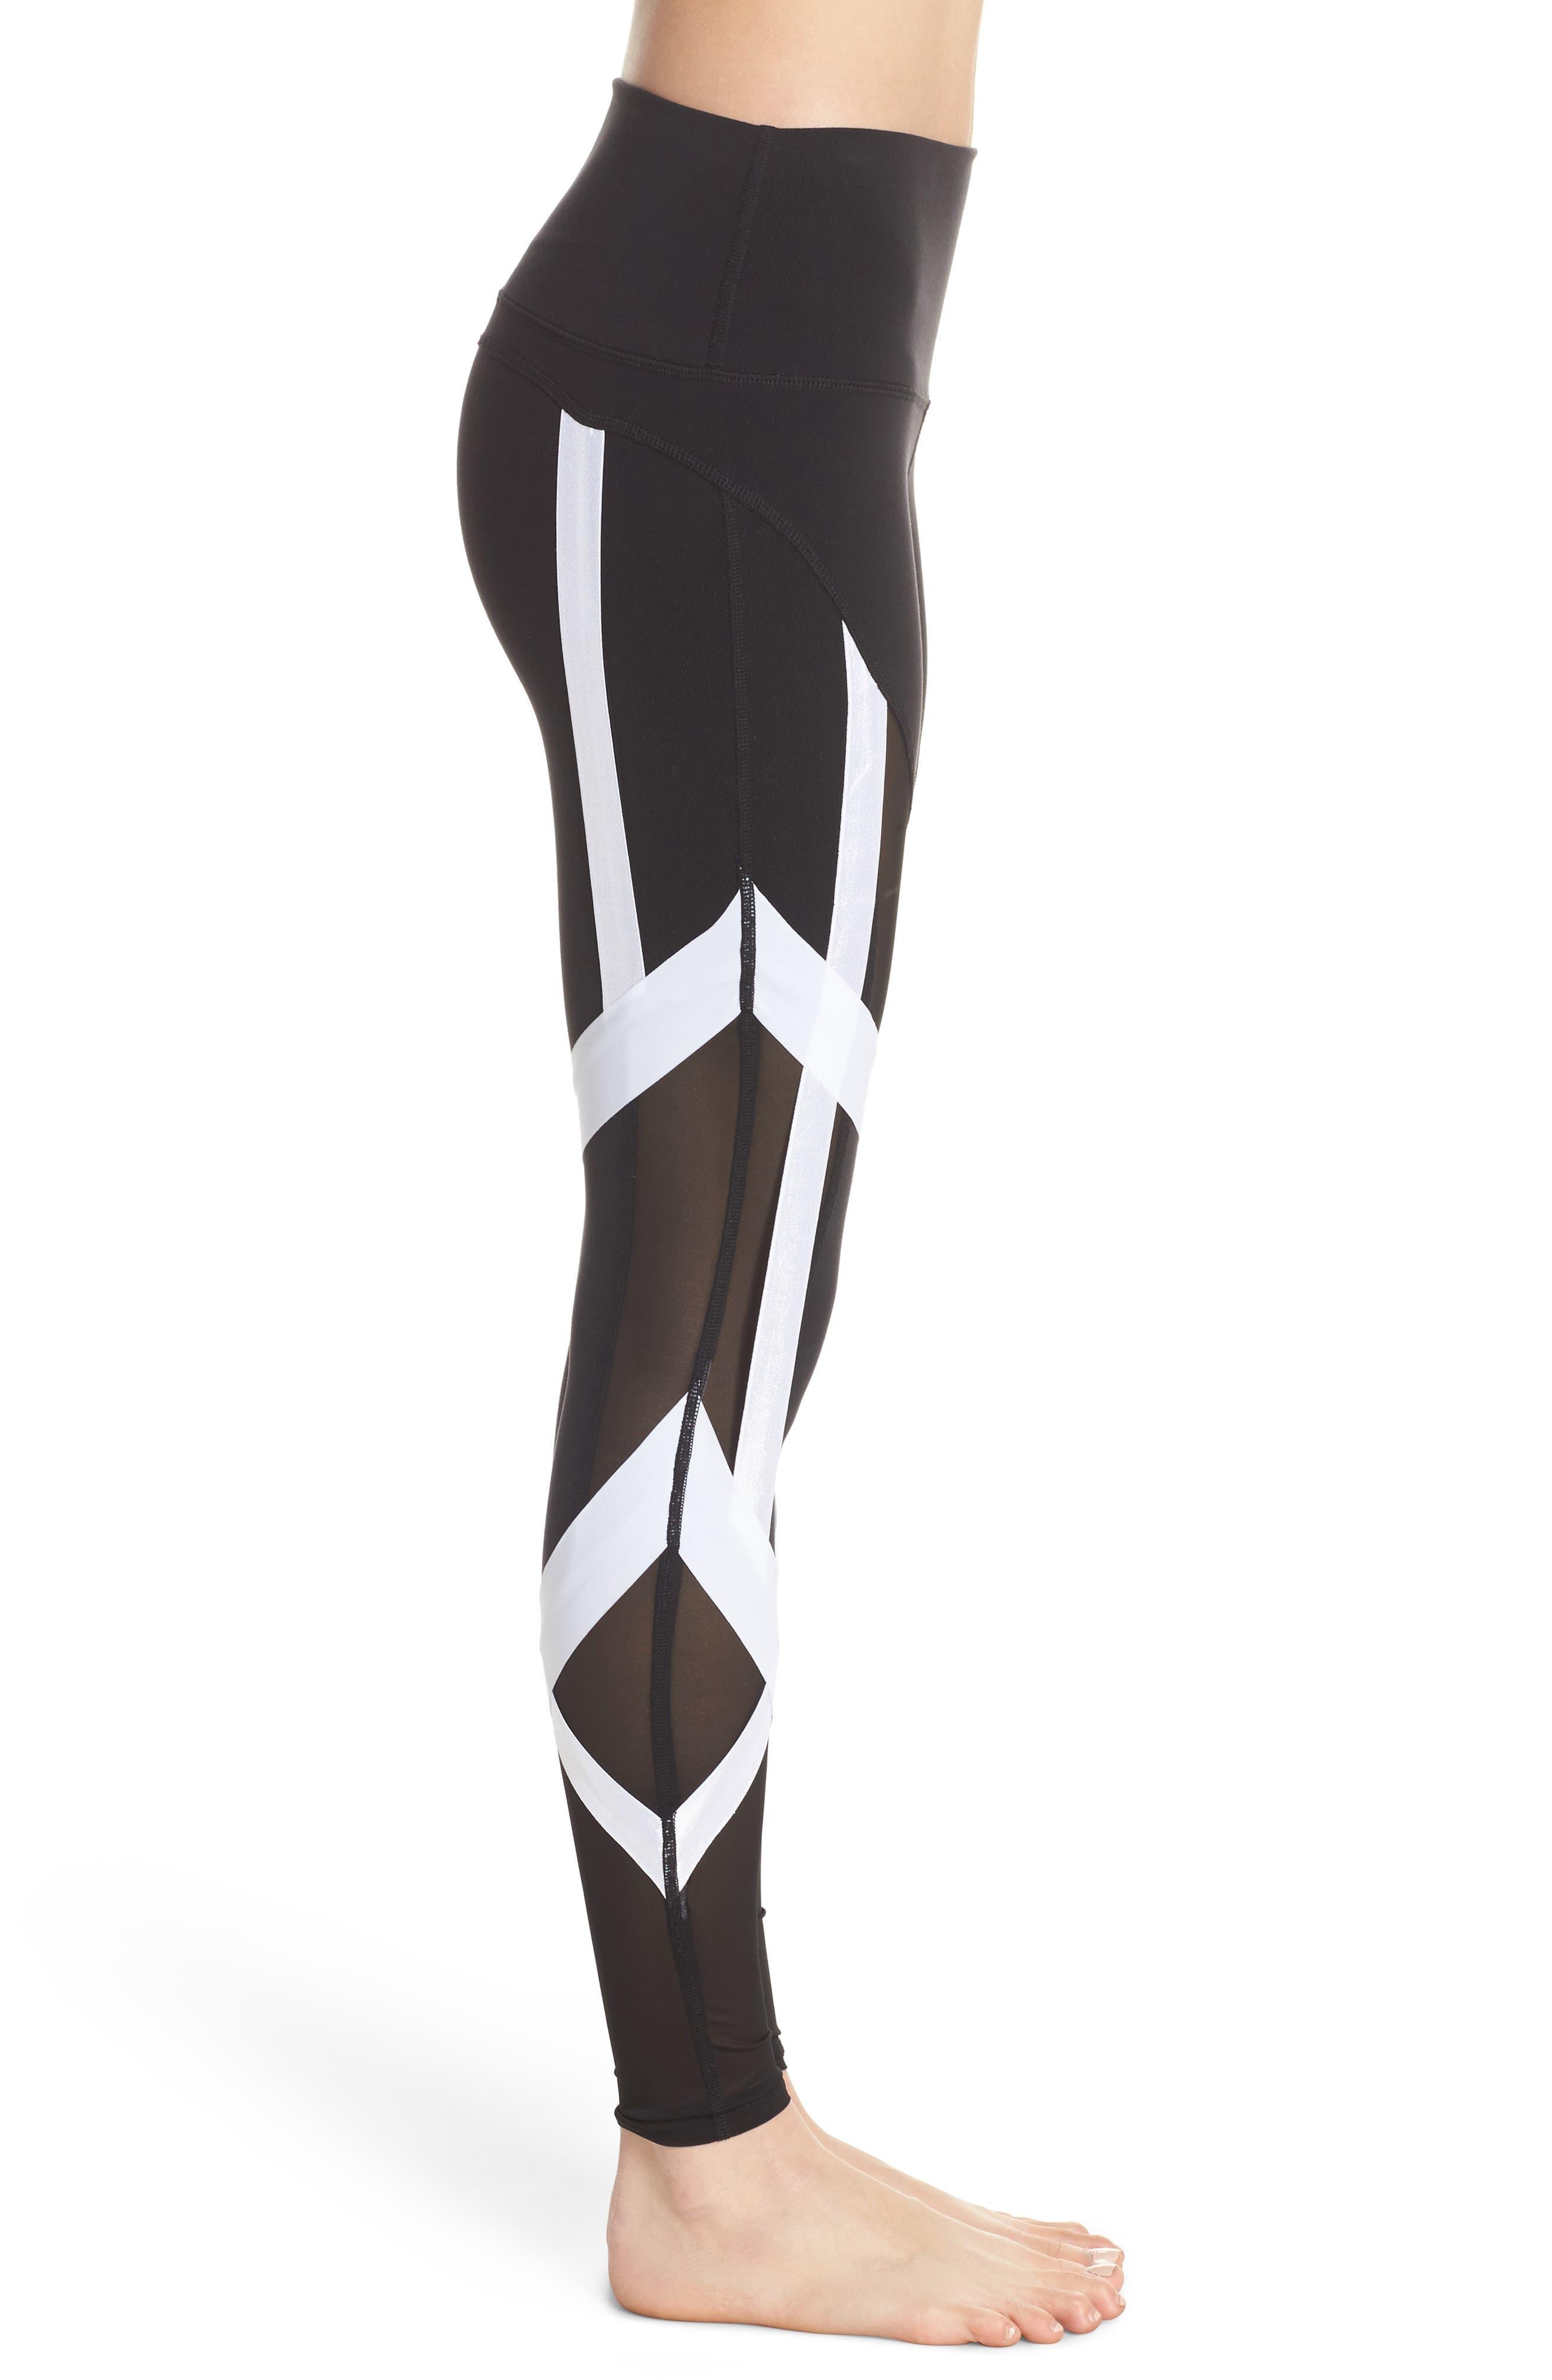 Tribe High Waist Leggings,                             Alternate thumbnail 3, color,                             Black/ White